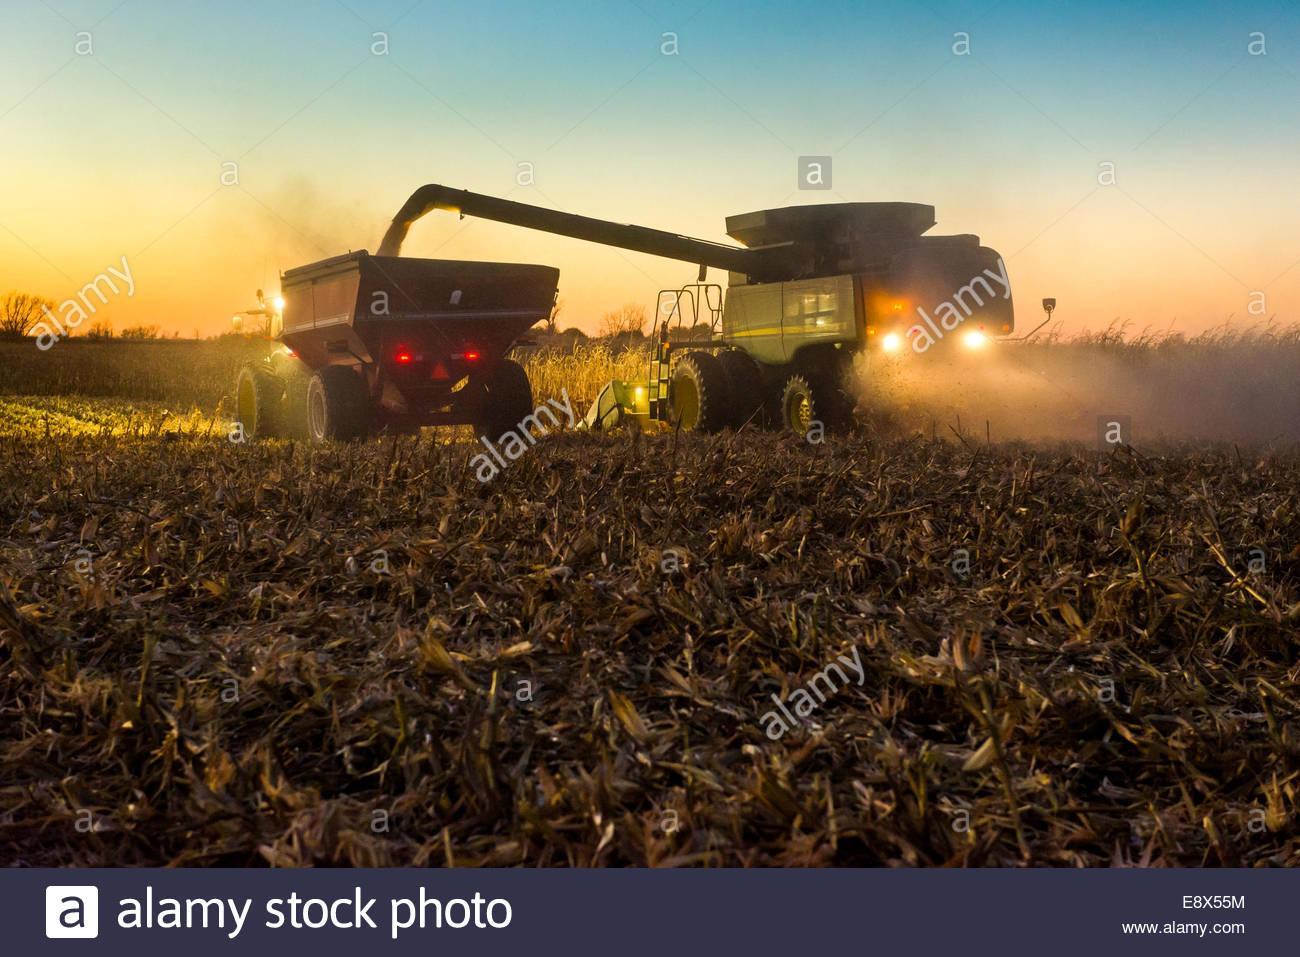 Un agricultor sinfines cosechada de maíz de grano amarillo de una cosechadora en un vagón de grano durante Imagen De Stock